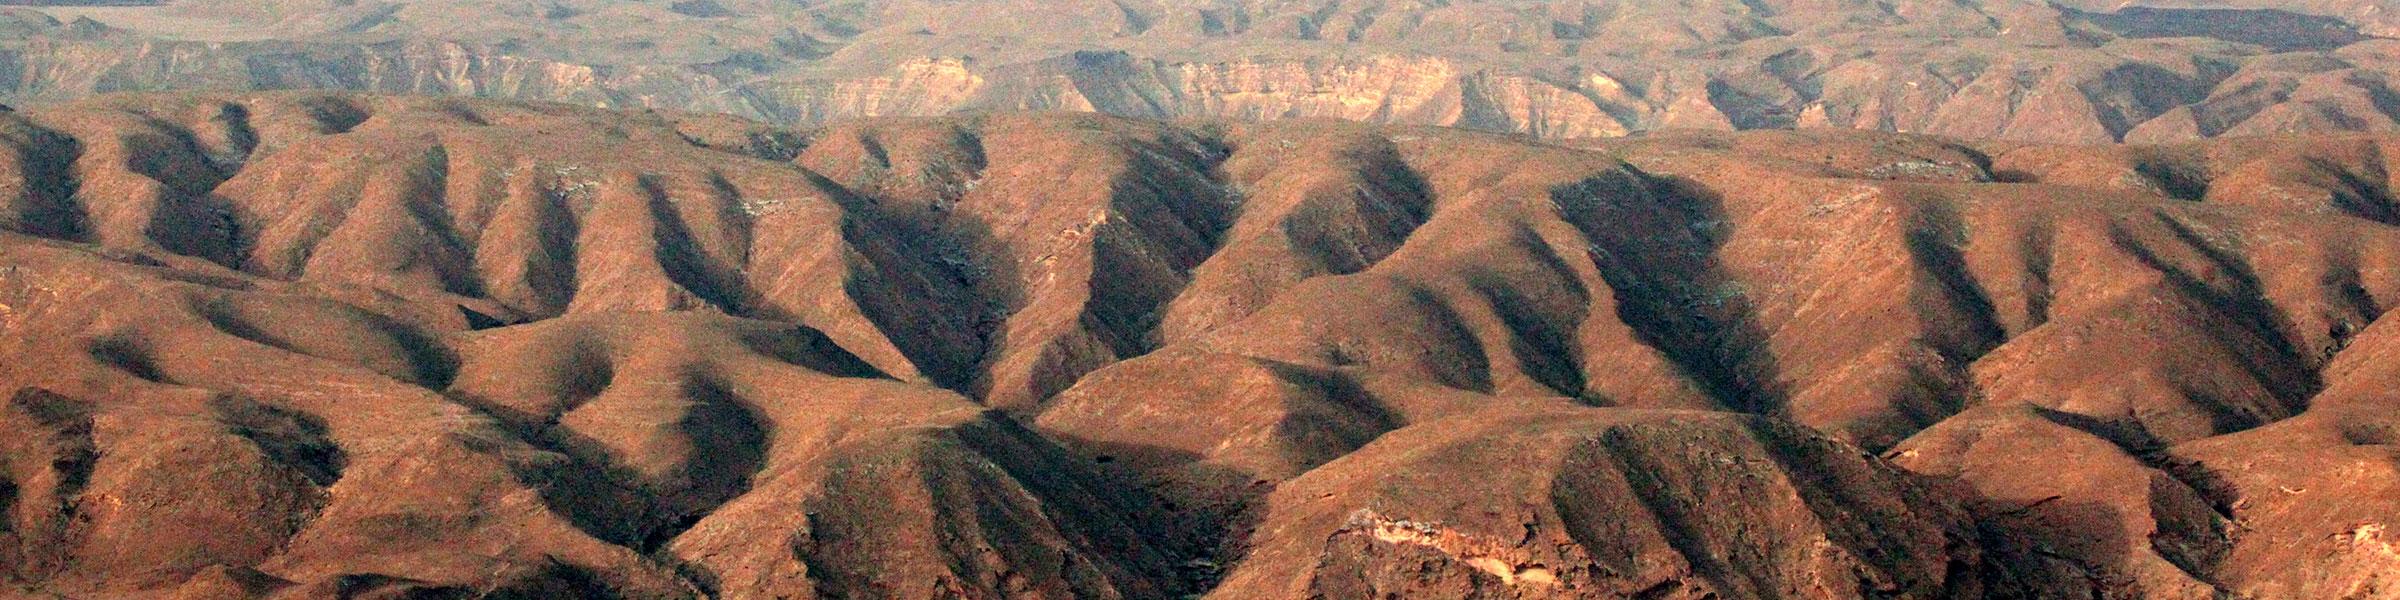 Desert Landscape Somalia